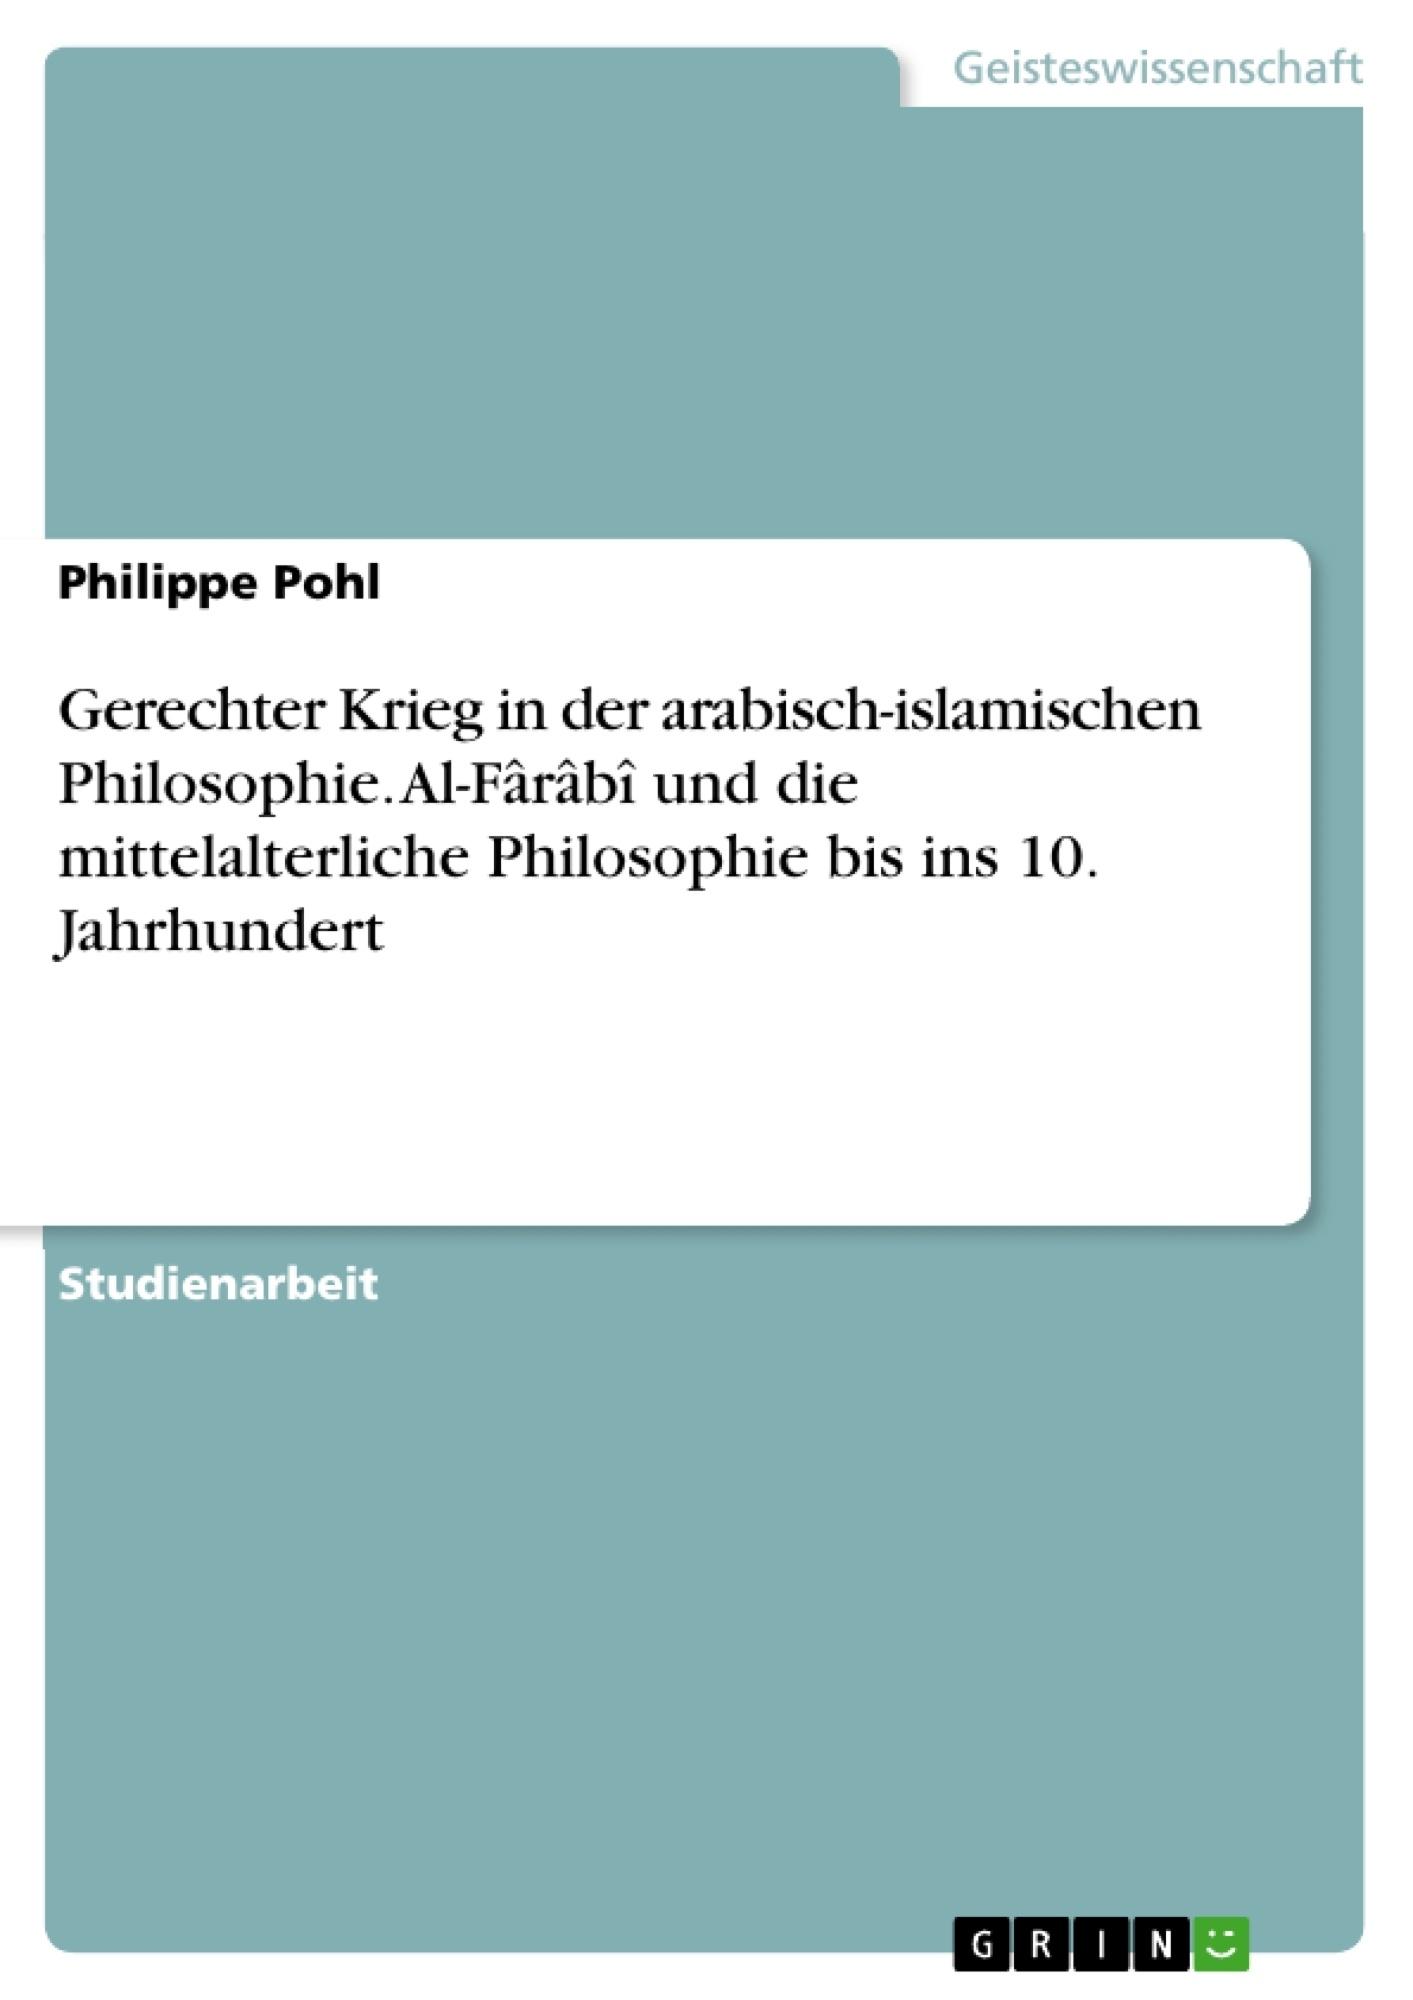 Titel: Gerechter Krieg in der arabisch-islamischen Philosophie. Al-Fârâbî und die mittelalterliche Philosophie bis ins 10. Jahrhundert